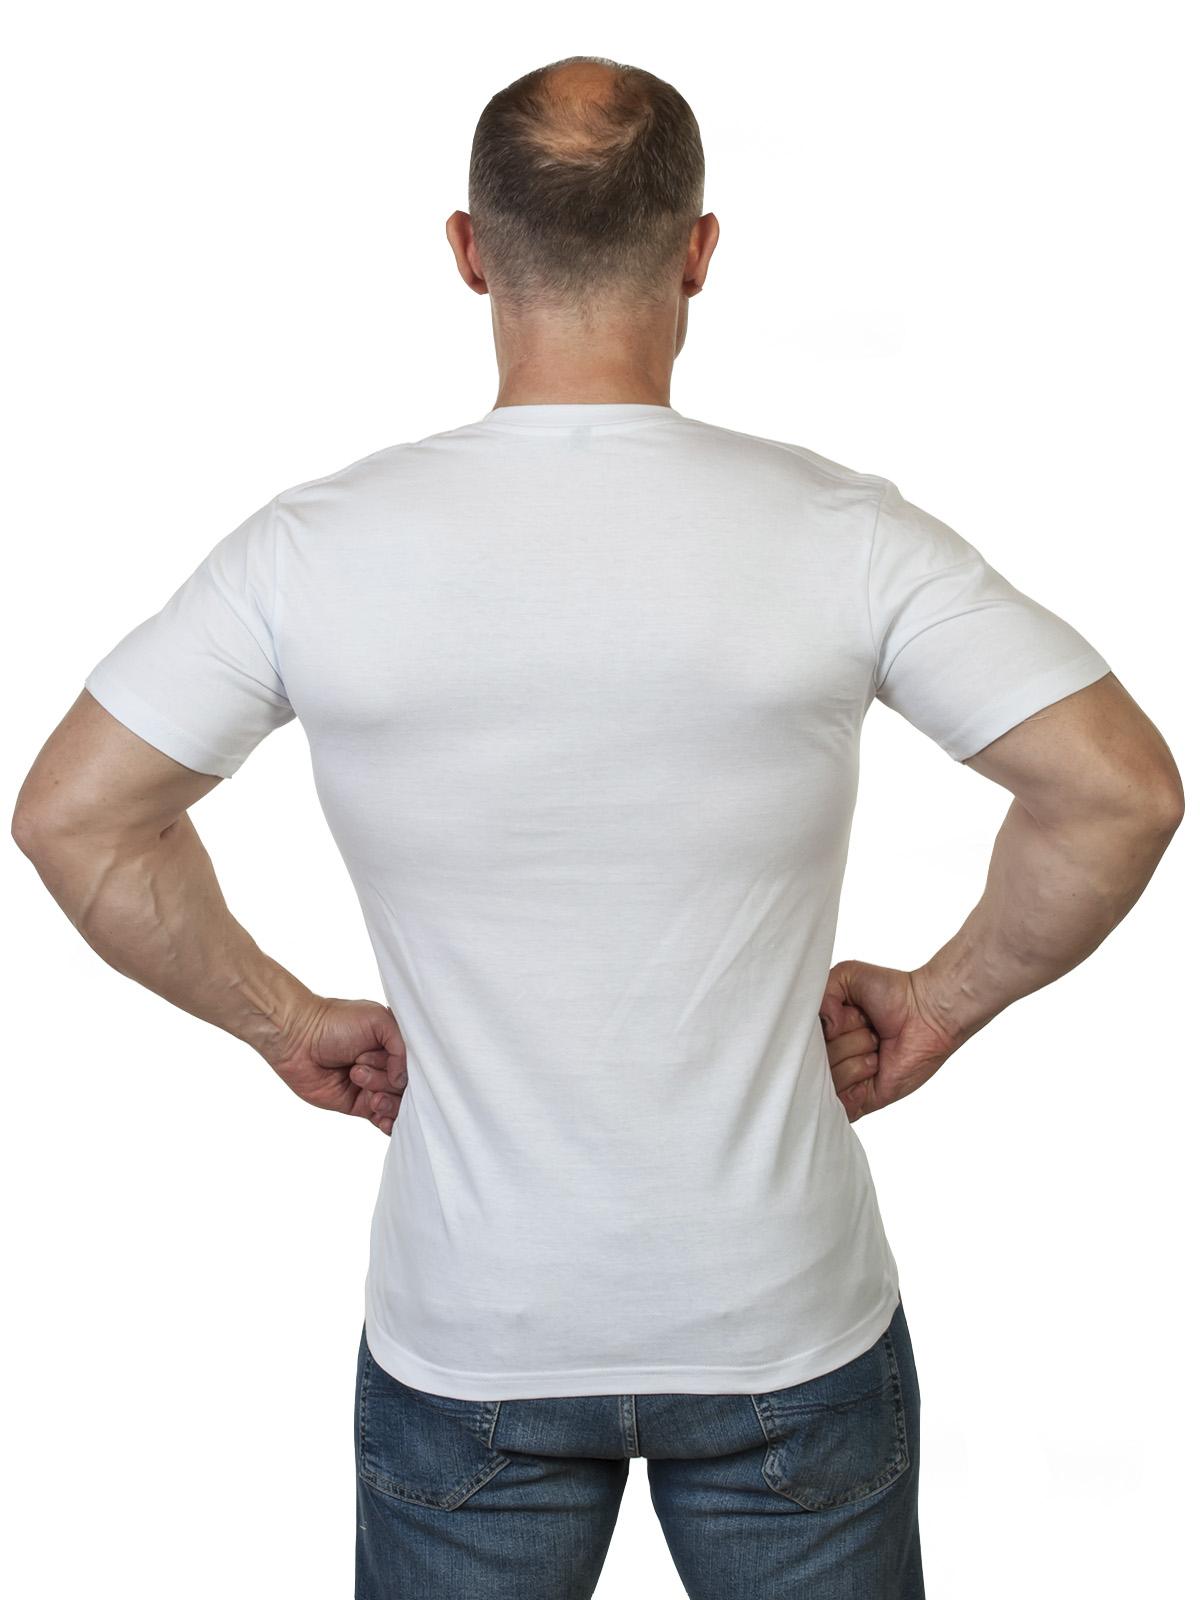 Мужская футболка с принтом МОРПЕХ